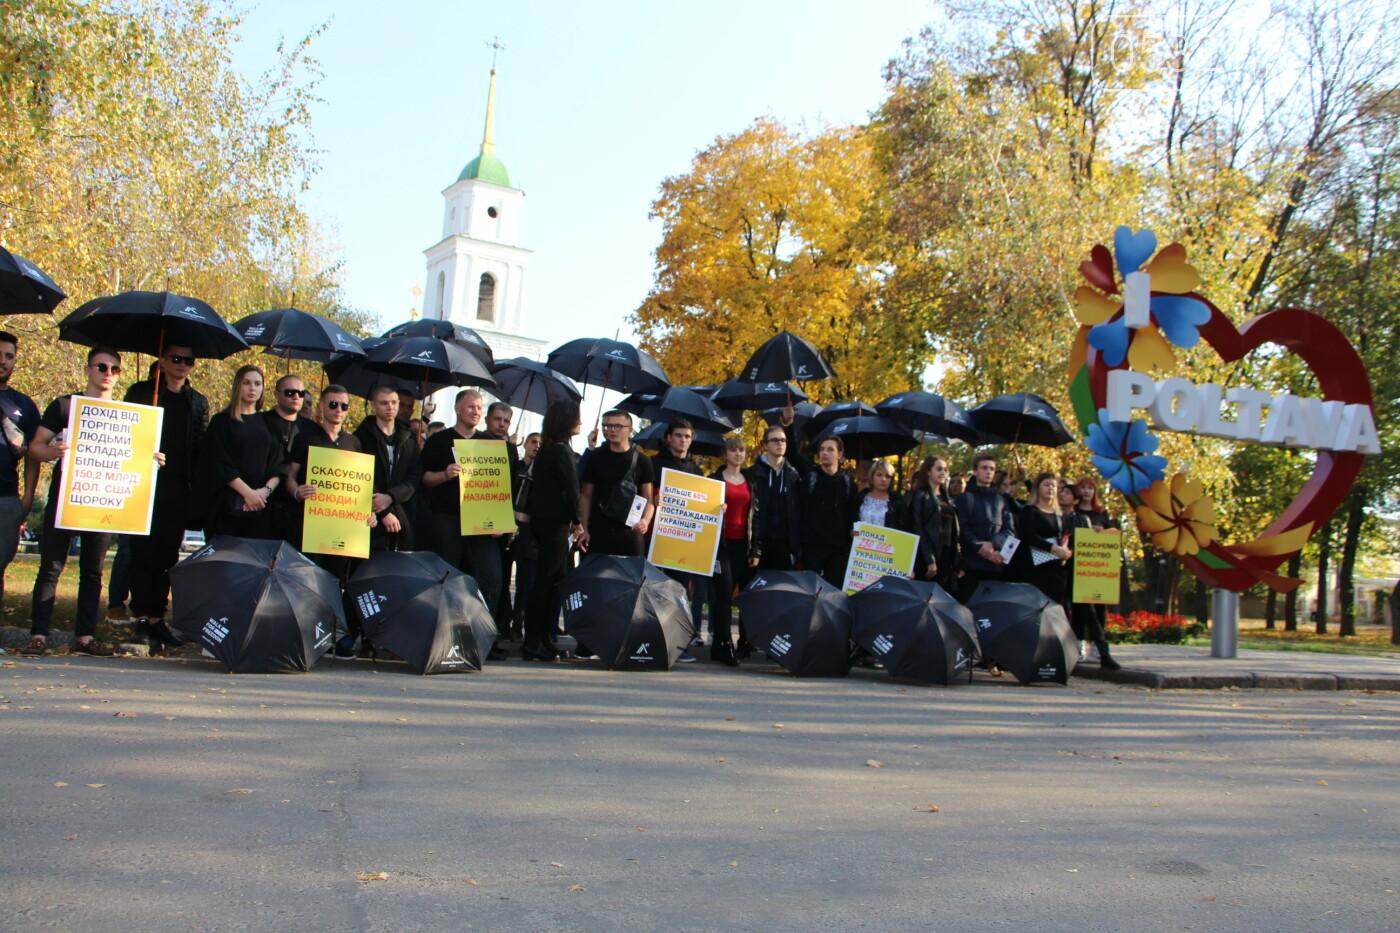 Полтавою пройшли мовчазні люди із чорними парасолями (ФОТО, ВІДЕО), фото-8